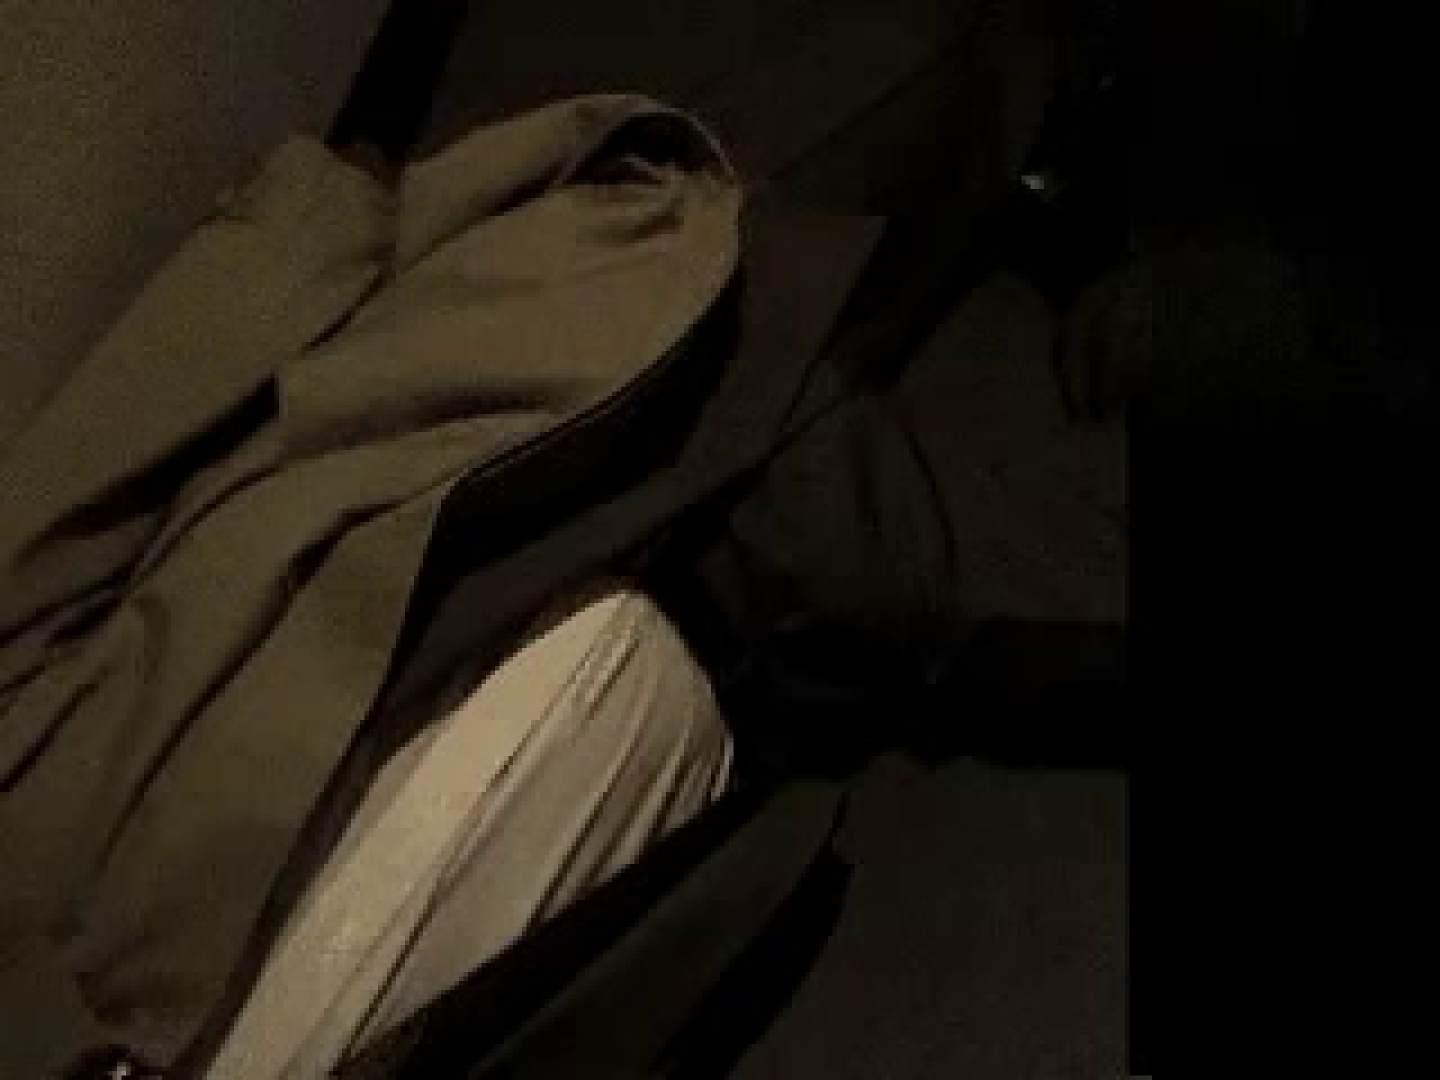 サラリーマンシングルボックスオナニー盗撮! ボーイズ覗き | リーマン系ボーイズ  88pic 66